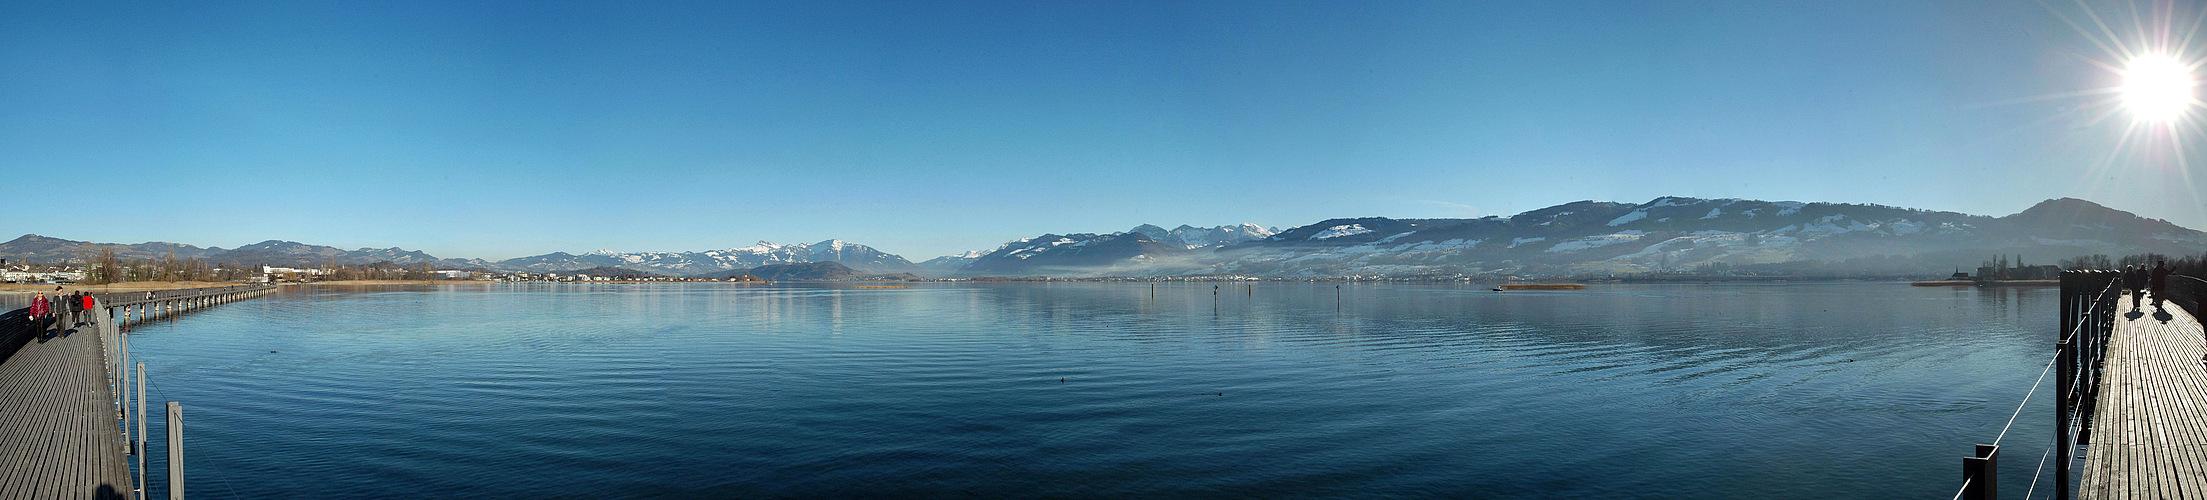 Oberer Zürichsee